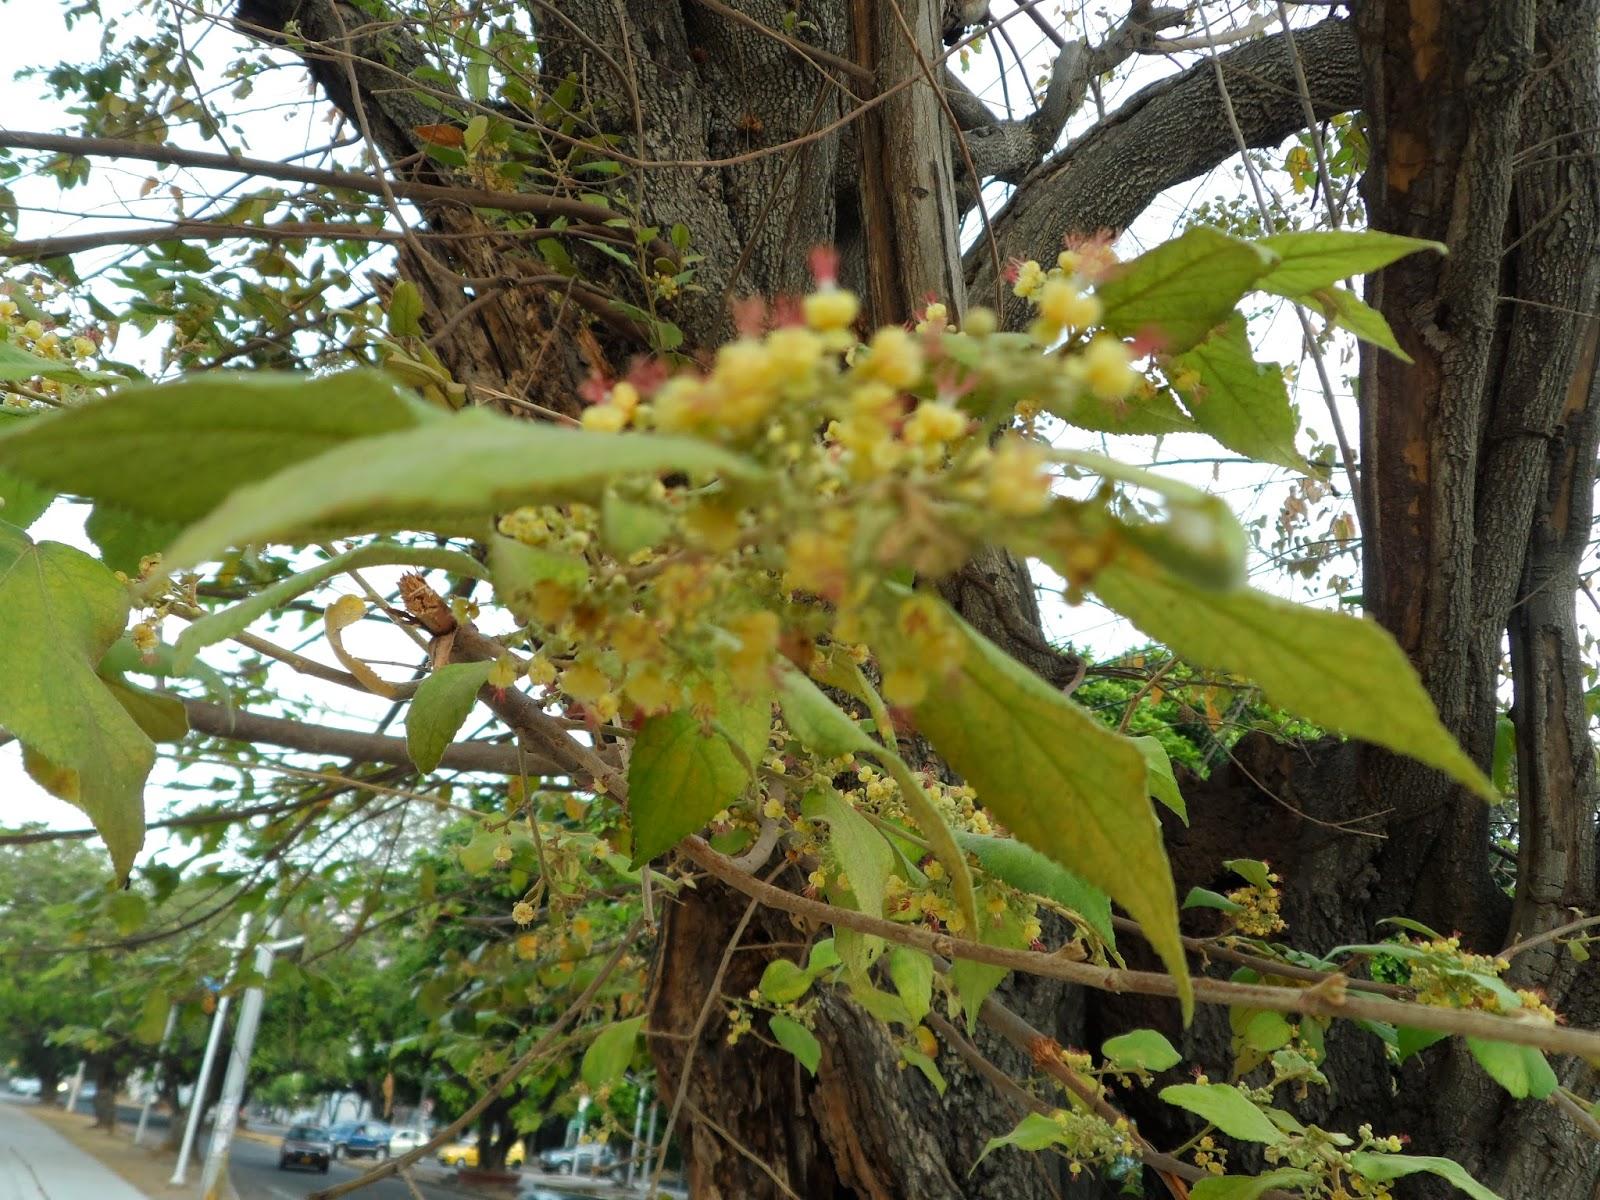 El espectacular árbol de guásimo | Ernesto Guerra